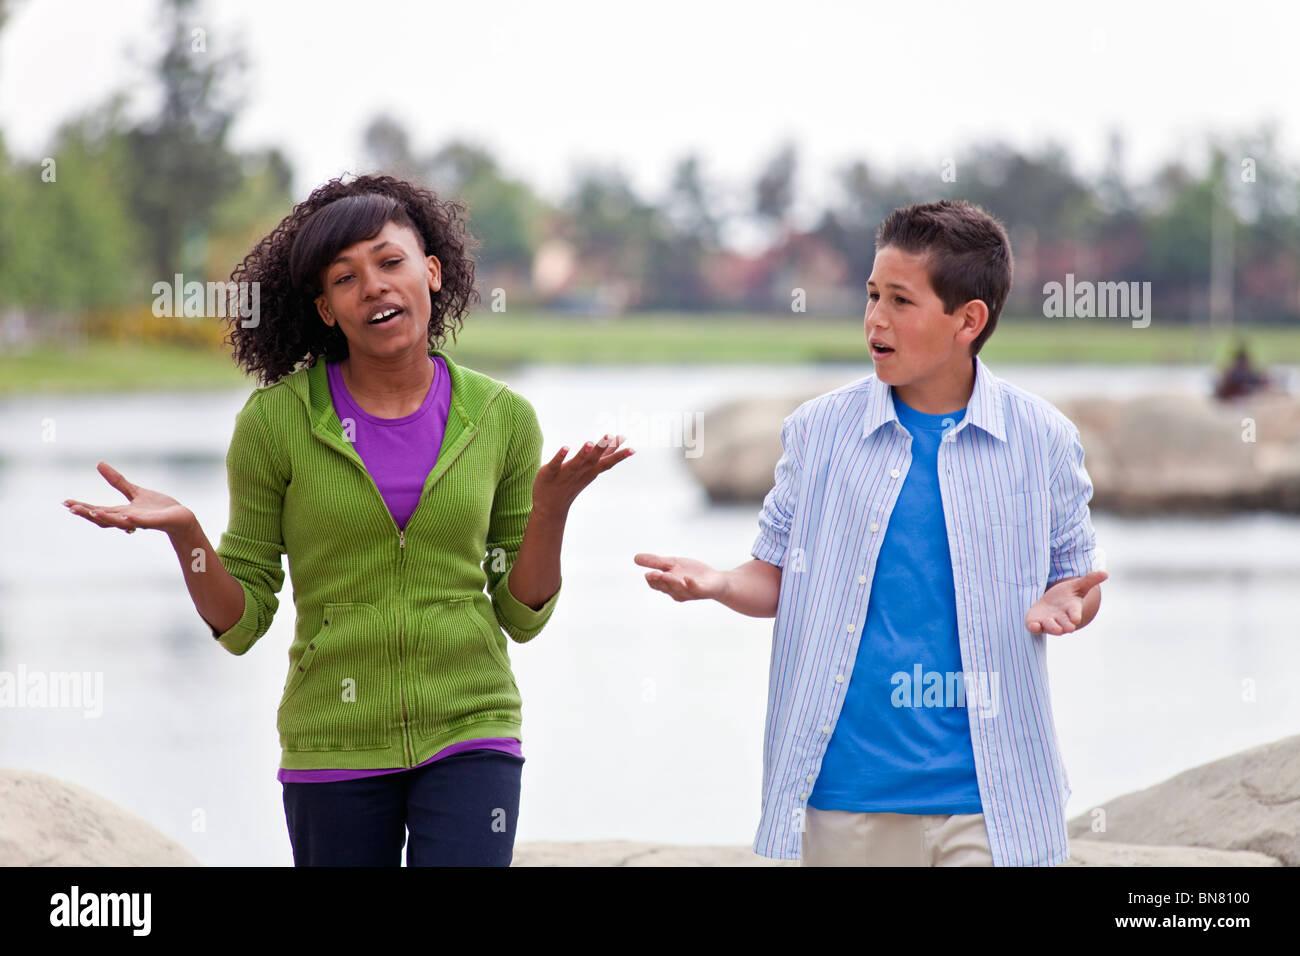 Multi etnico razziale etnicamente diversi ragazzi 14-16 anni di African American Girl e Caucasico boy parlando.Signor Immagini Stock